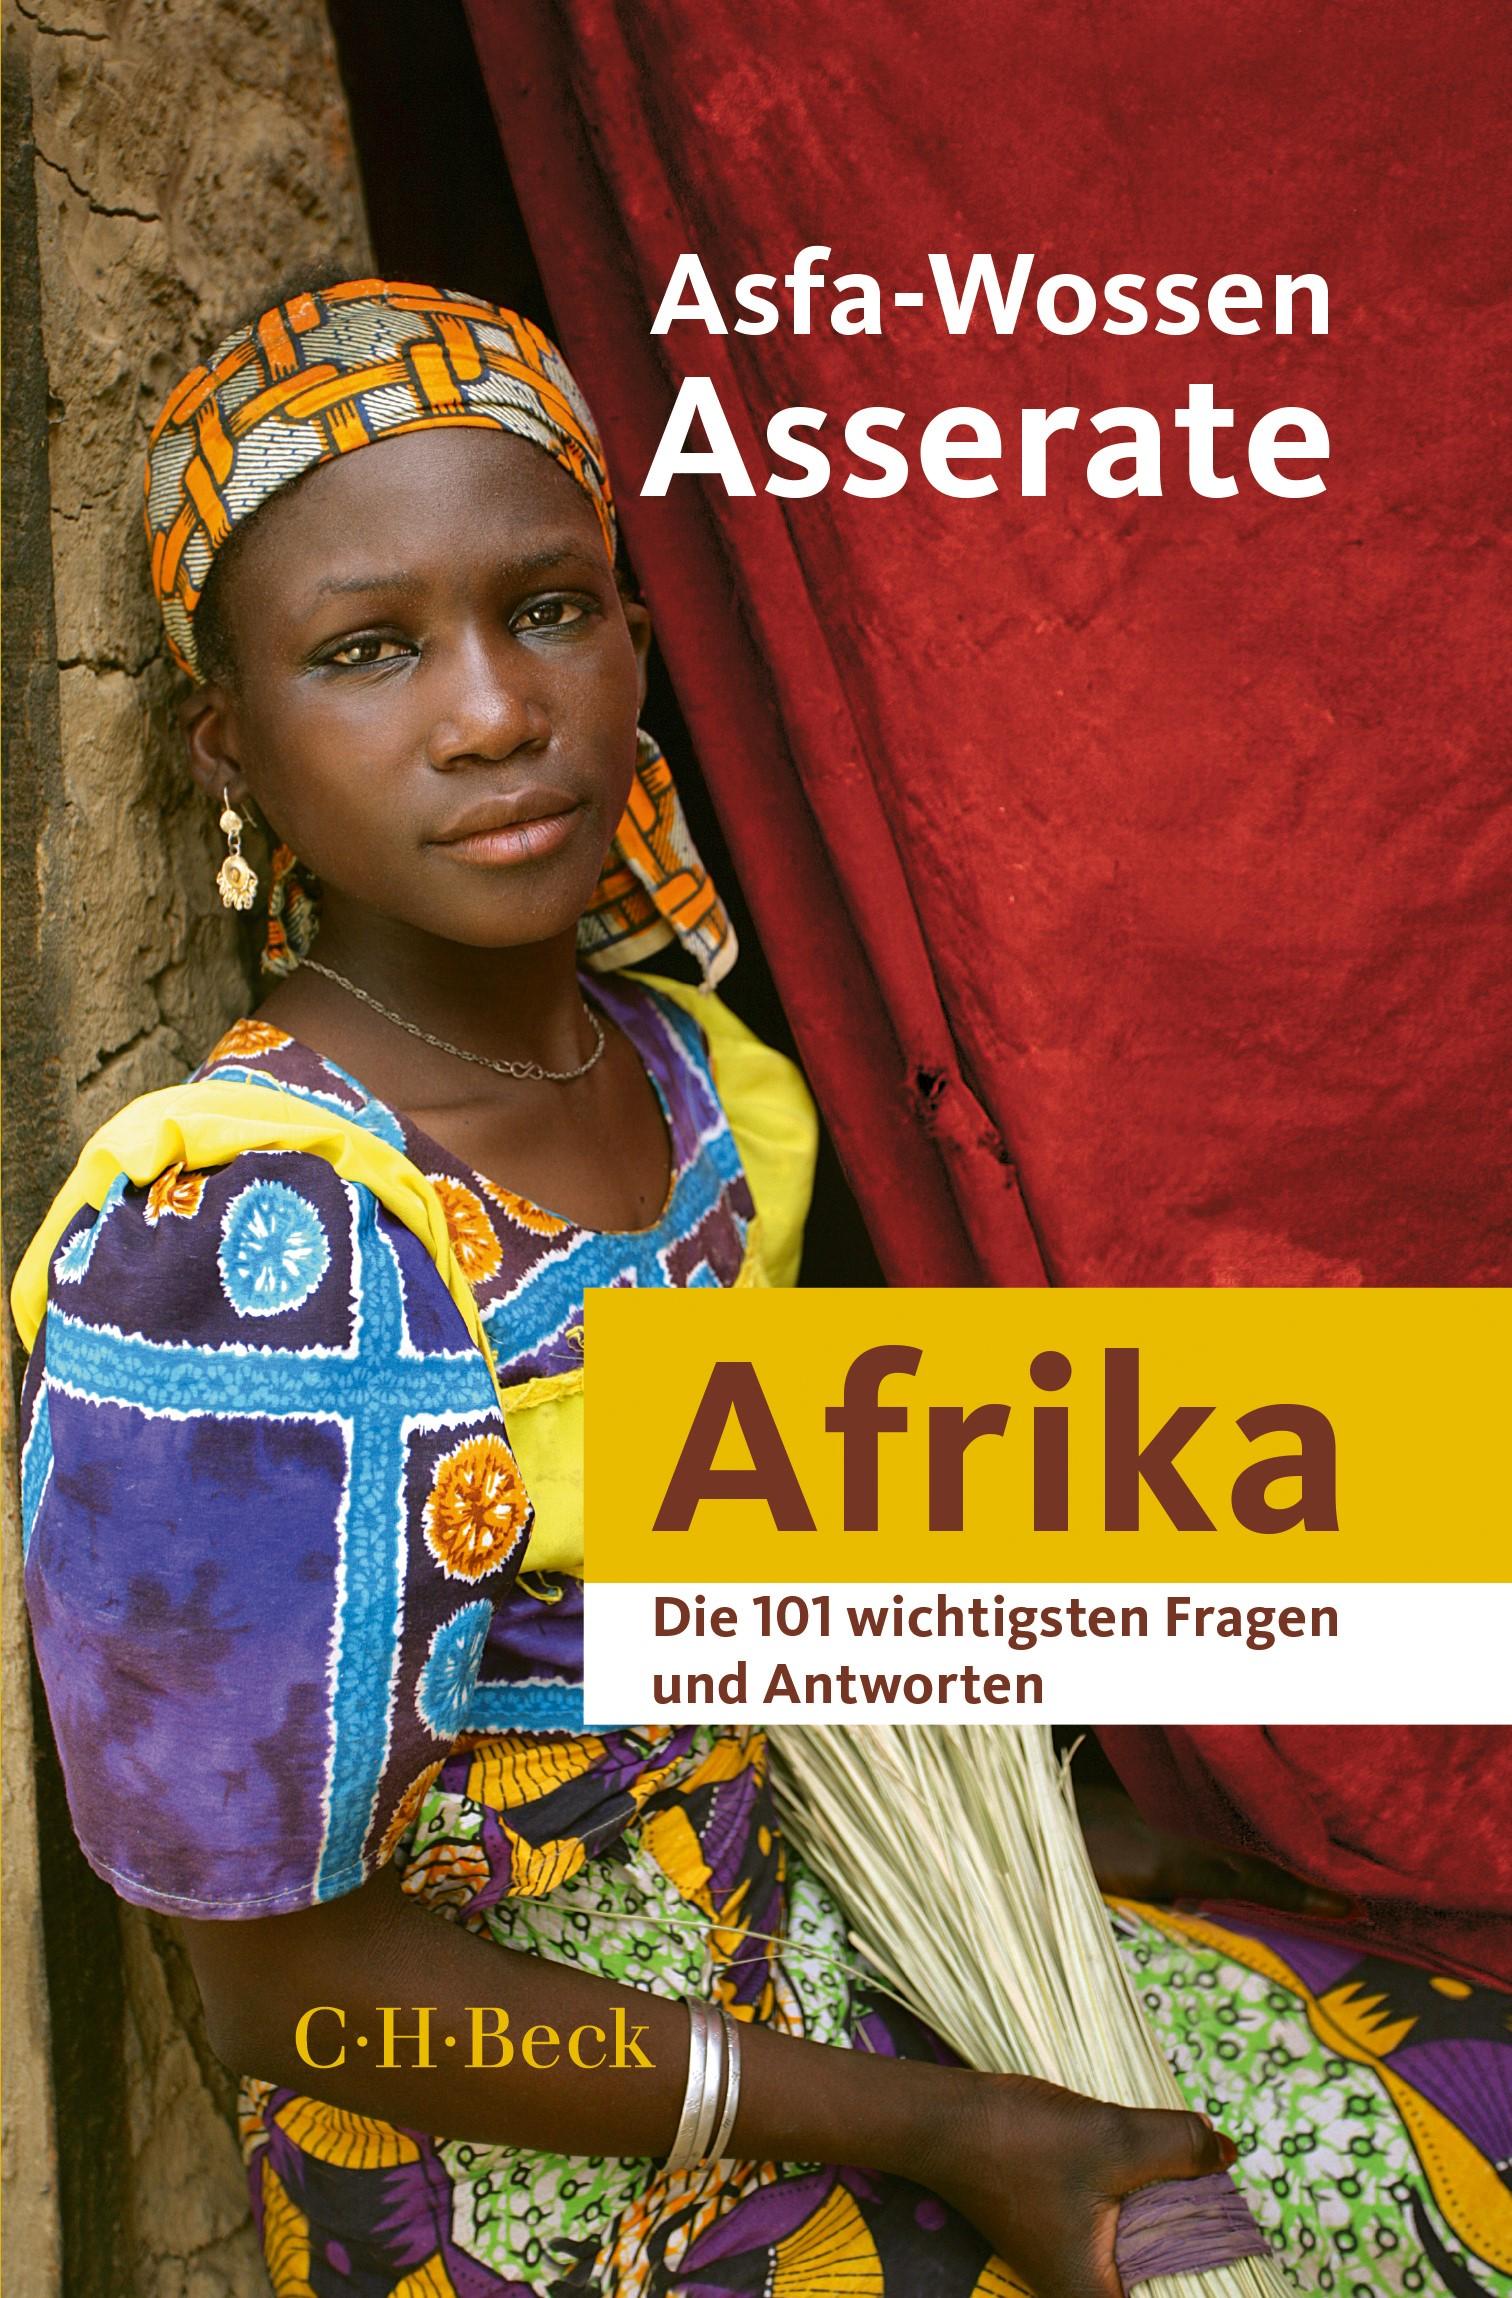 Die 101 wichtigsten Fragen und Antworten - Afrika | Asserate, Asfa-Wossen | 2., überarbeitete und aktualisierte und mit einem Nachwort versehene Auflage, 2018 | Buch (Cover)